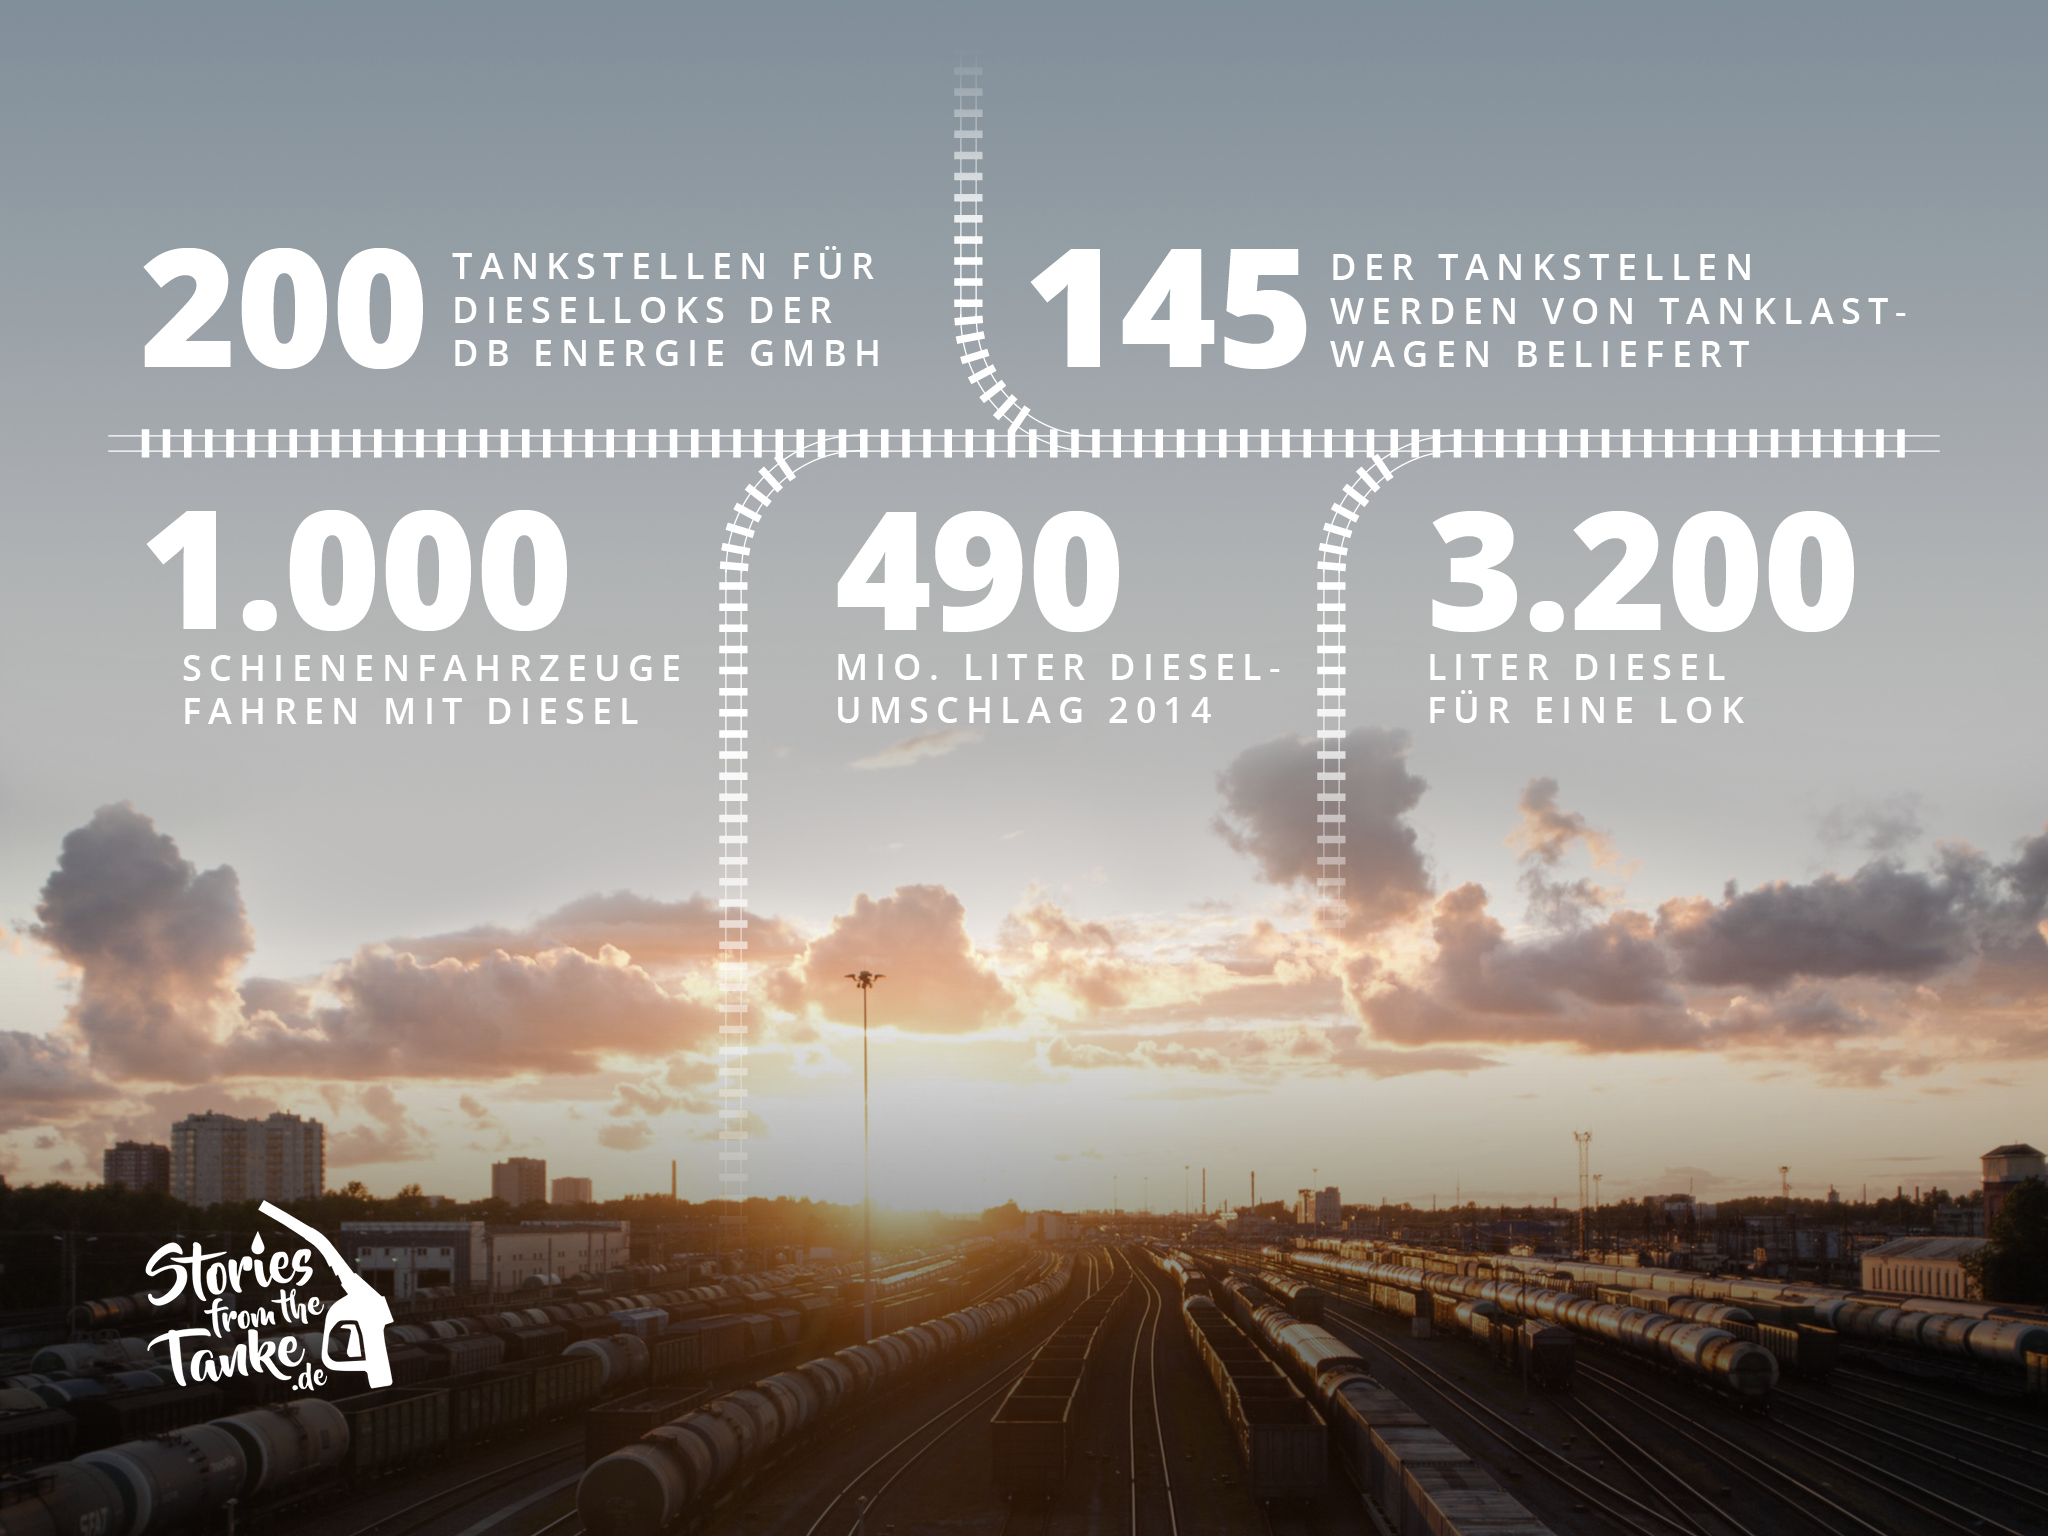 Statistik zum Einsatz von dieselbetriebenen Schienenfahrzeugen in Deutschland